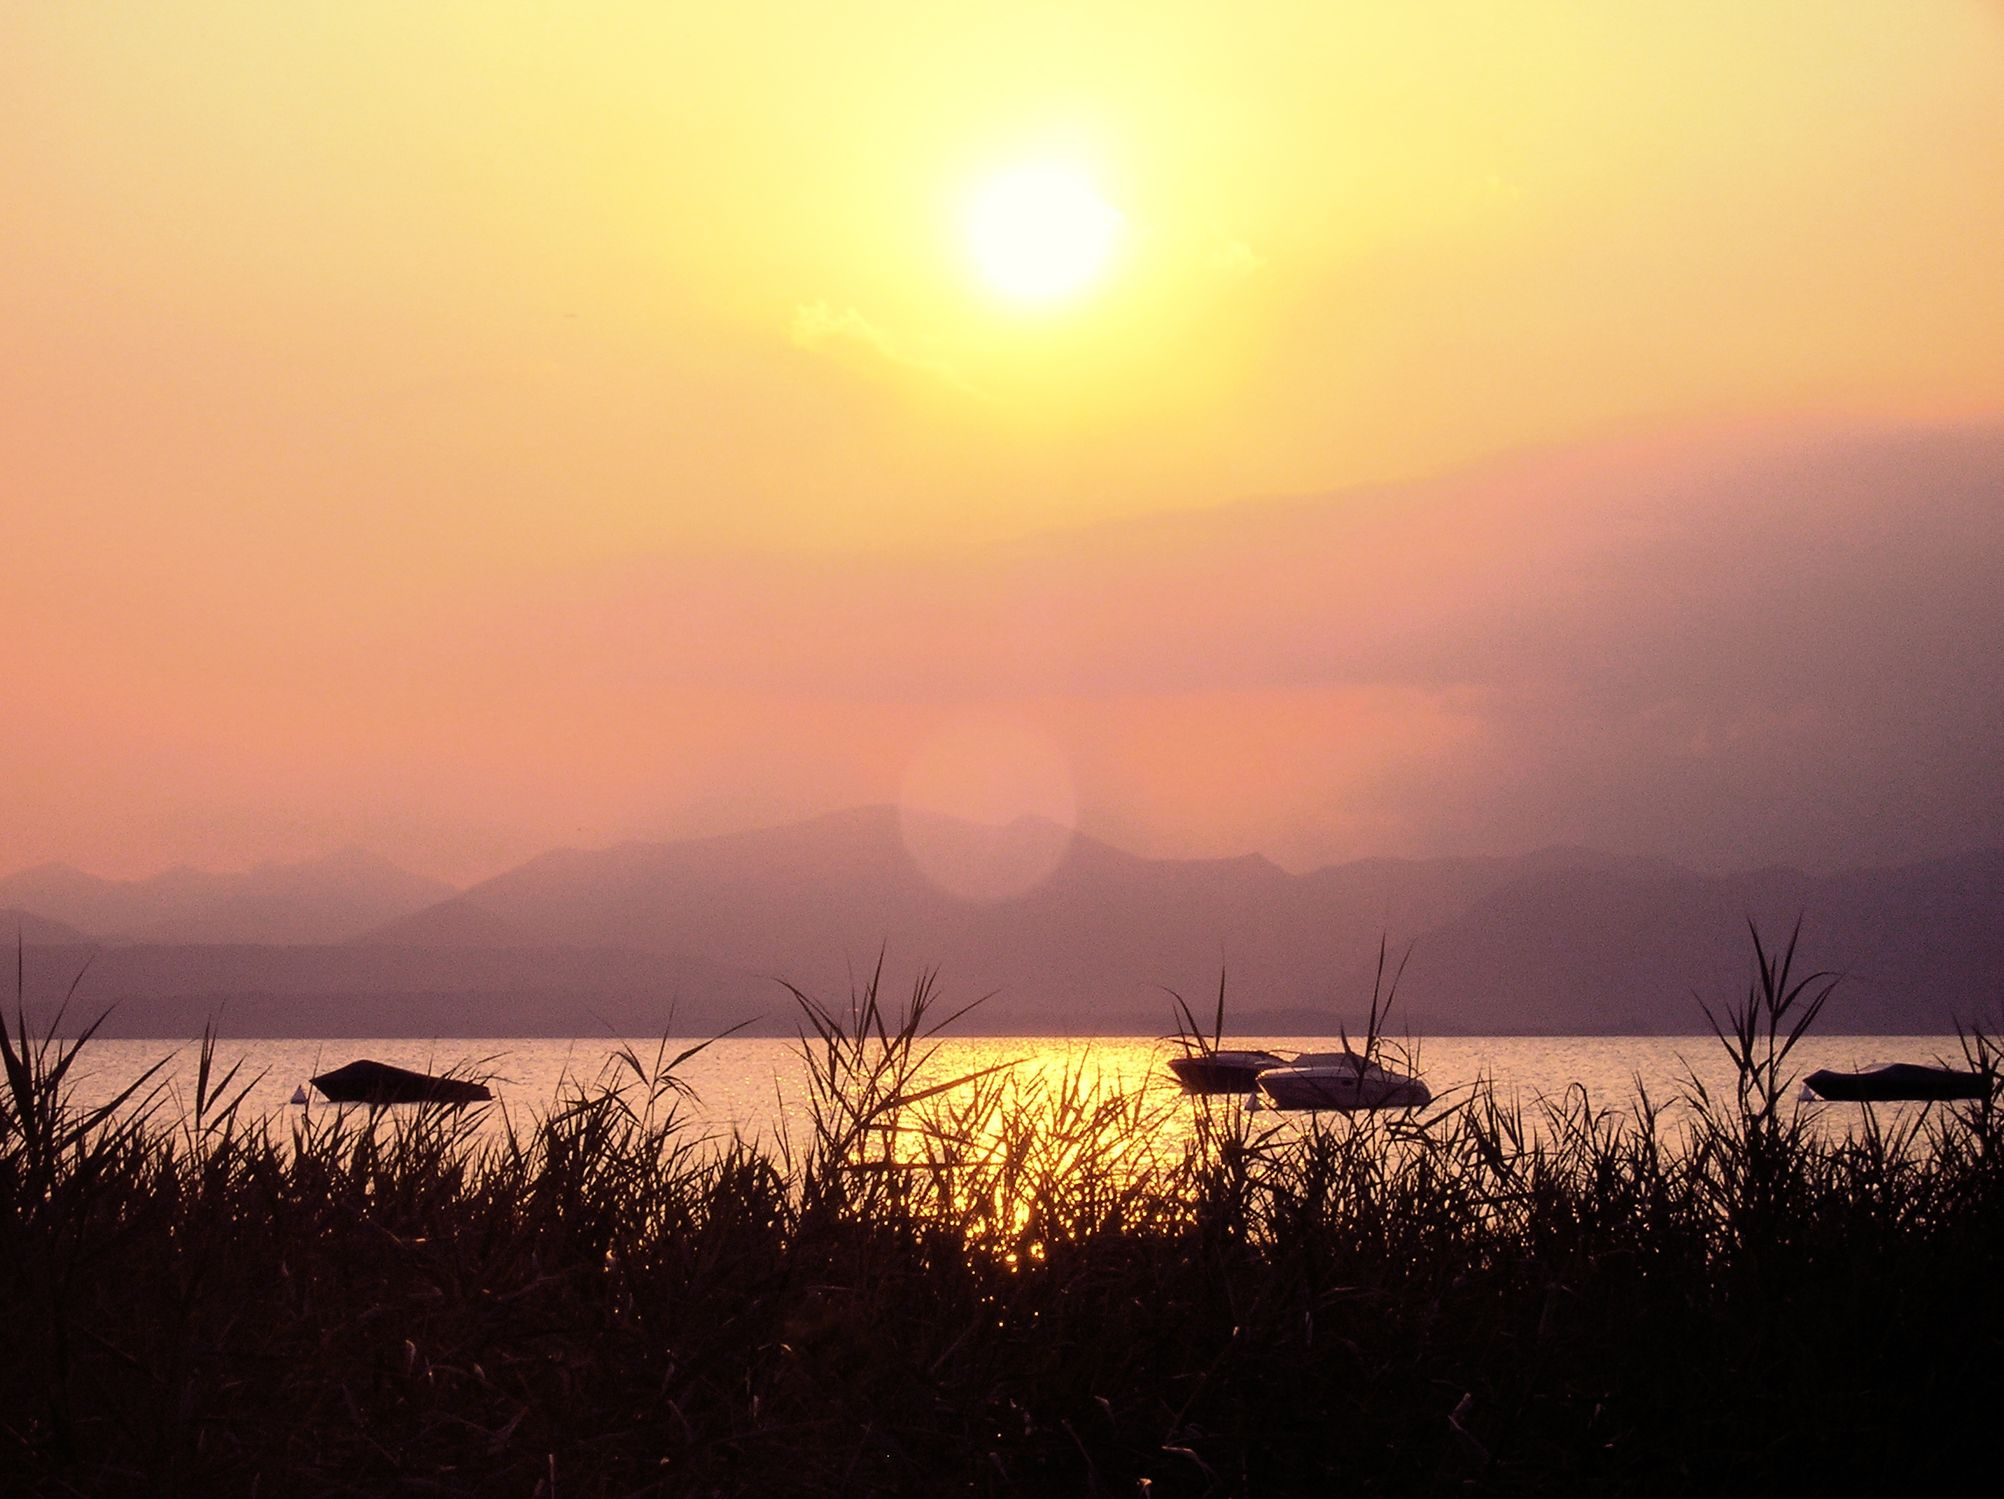 Bild mit Natur, Wasser, Landschaften, Himmel, Wolken, Gewässer, Seen, Meere, Horizont, Sonnenuntergang, Sonnenaufgang, Abendrot, Dämmerung, Morgenrot